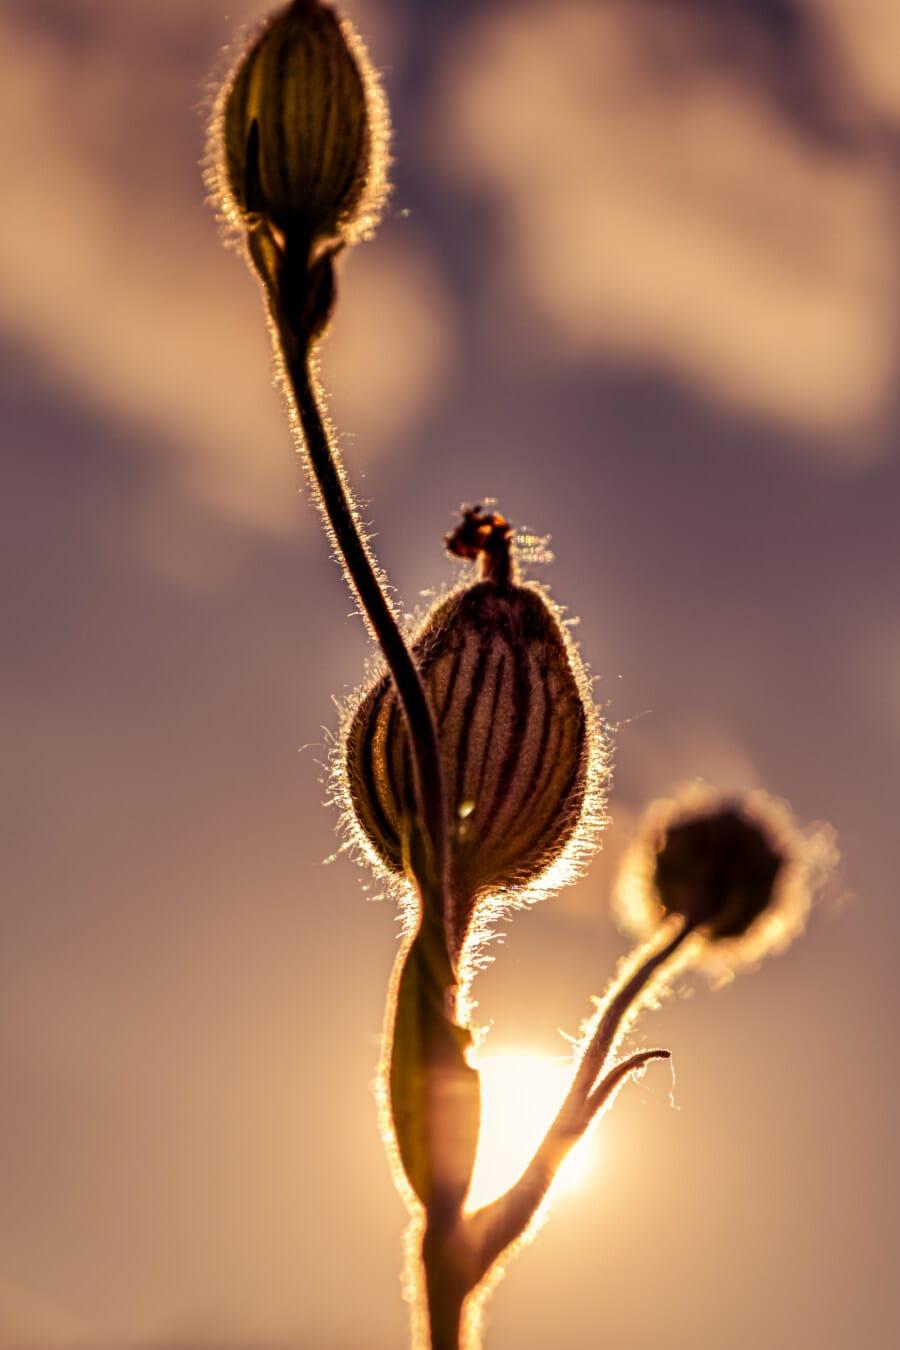 sunset, wildflower, backlight, flower bud, opium poppy, sunlight, sunrays, flower, nature, flora